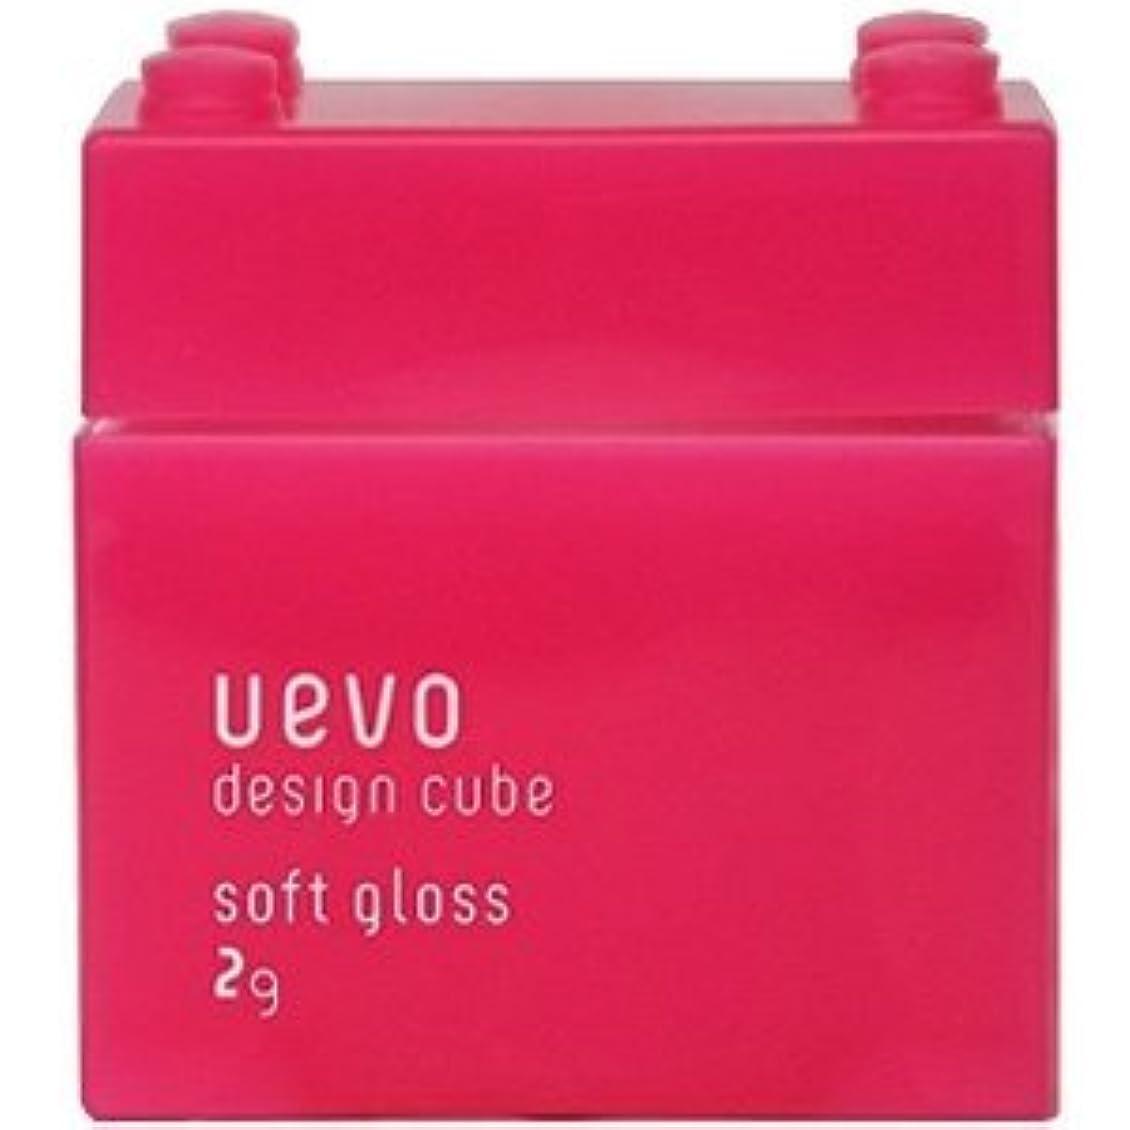 すばらしいです泥沼答え【X2個セット】 デミ ウェーボ デザインキューブ ソフトグロス 80g soft gloss DEMI uevo design cube